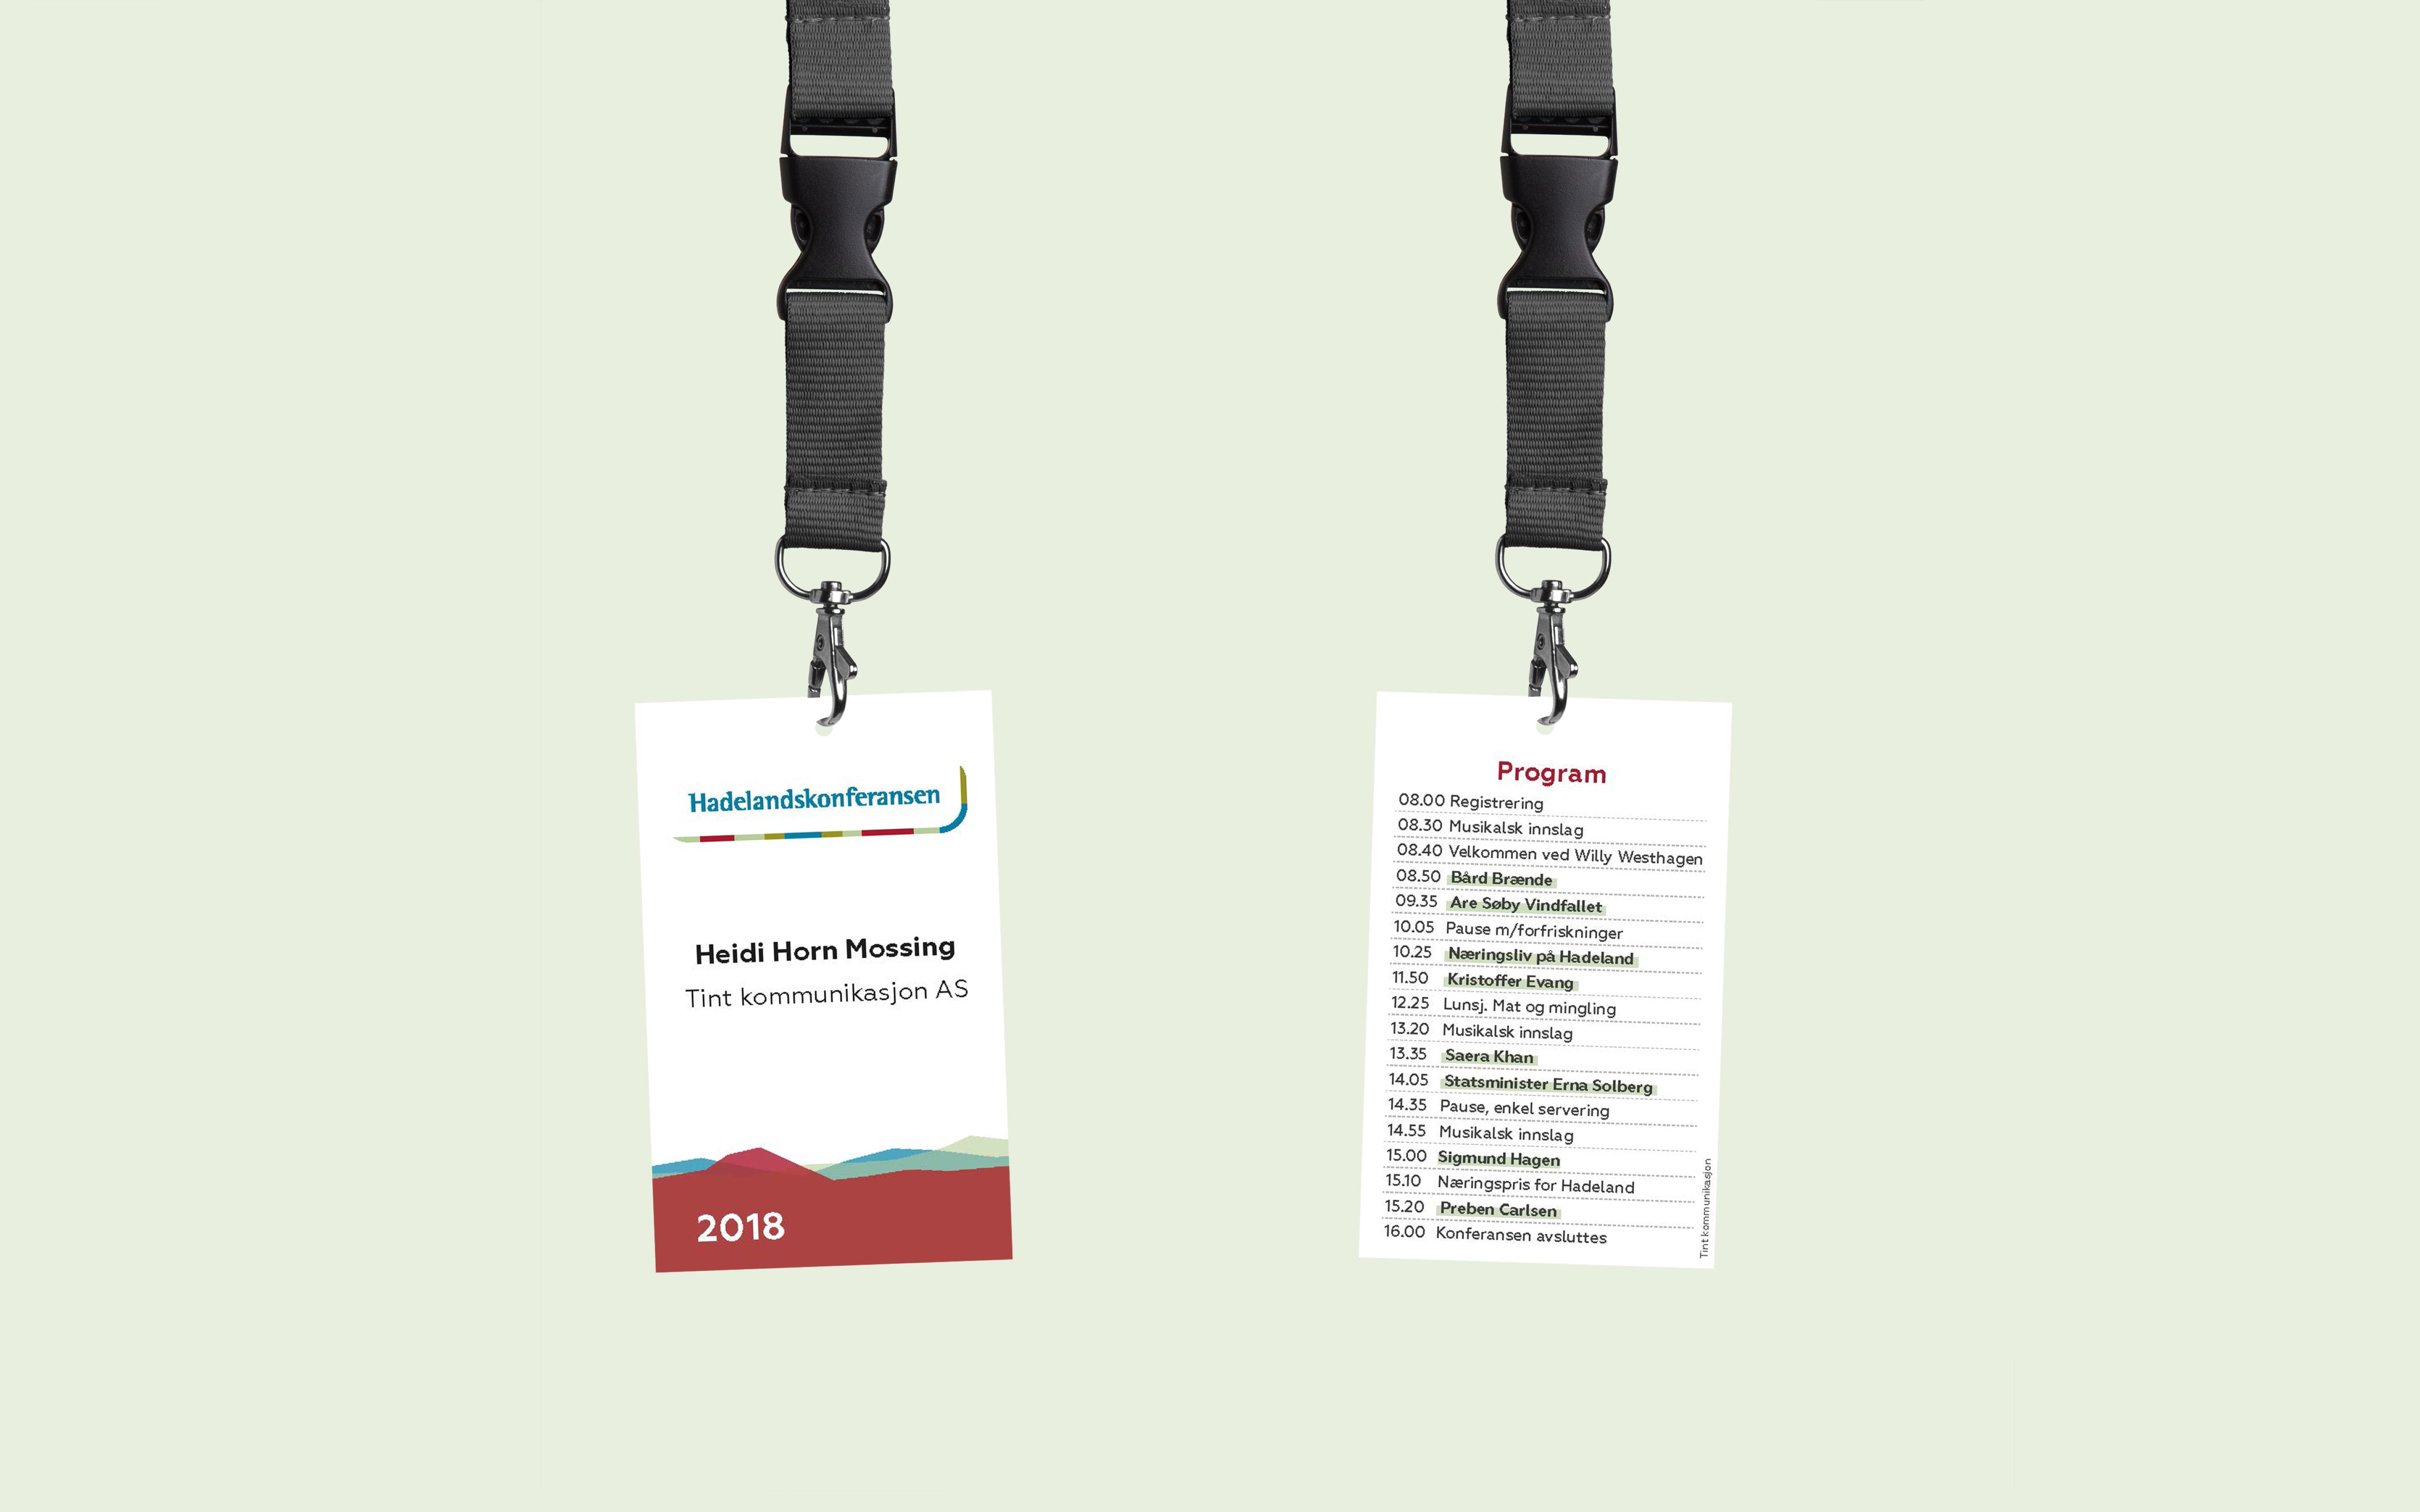 Hadelandskonferansen adgangskort